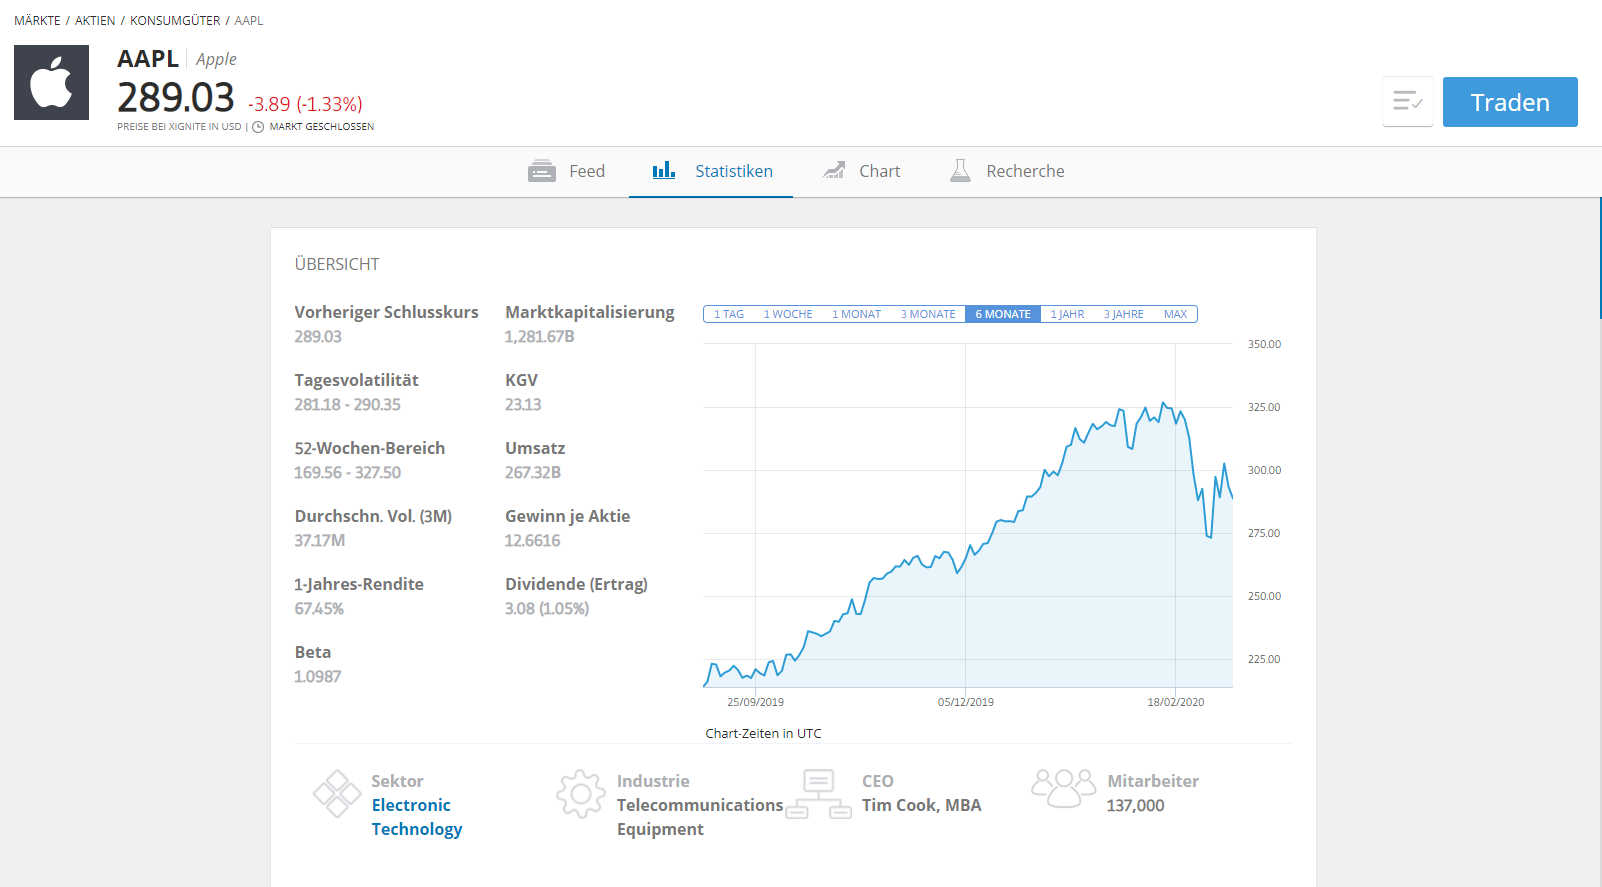 Beispiel Statistiken und Kennzahlen der Apple Aktie bei eToro